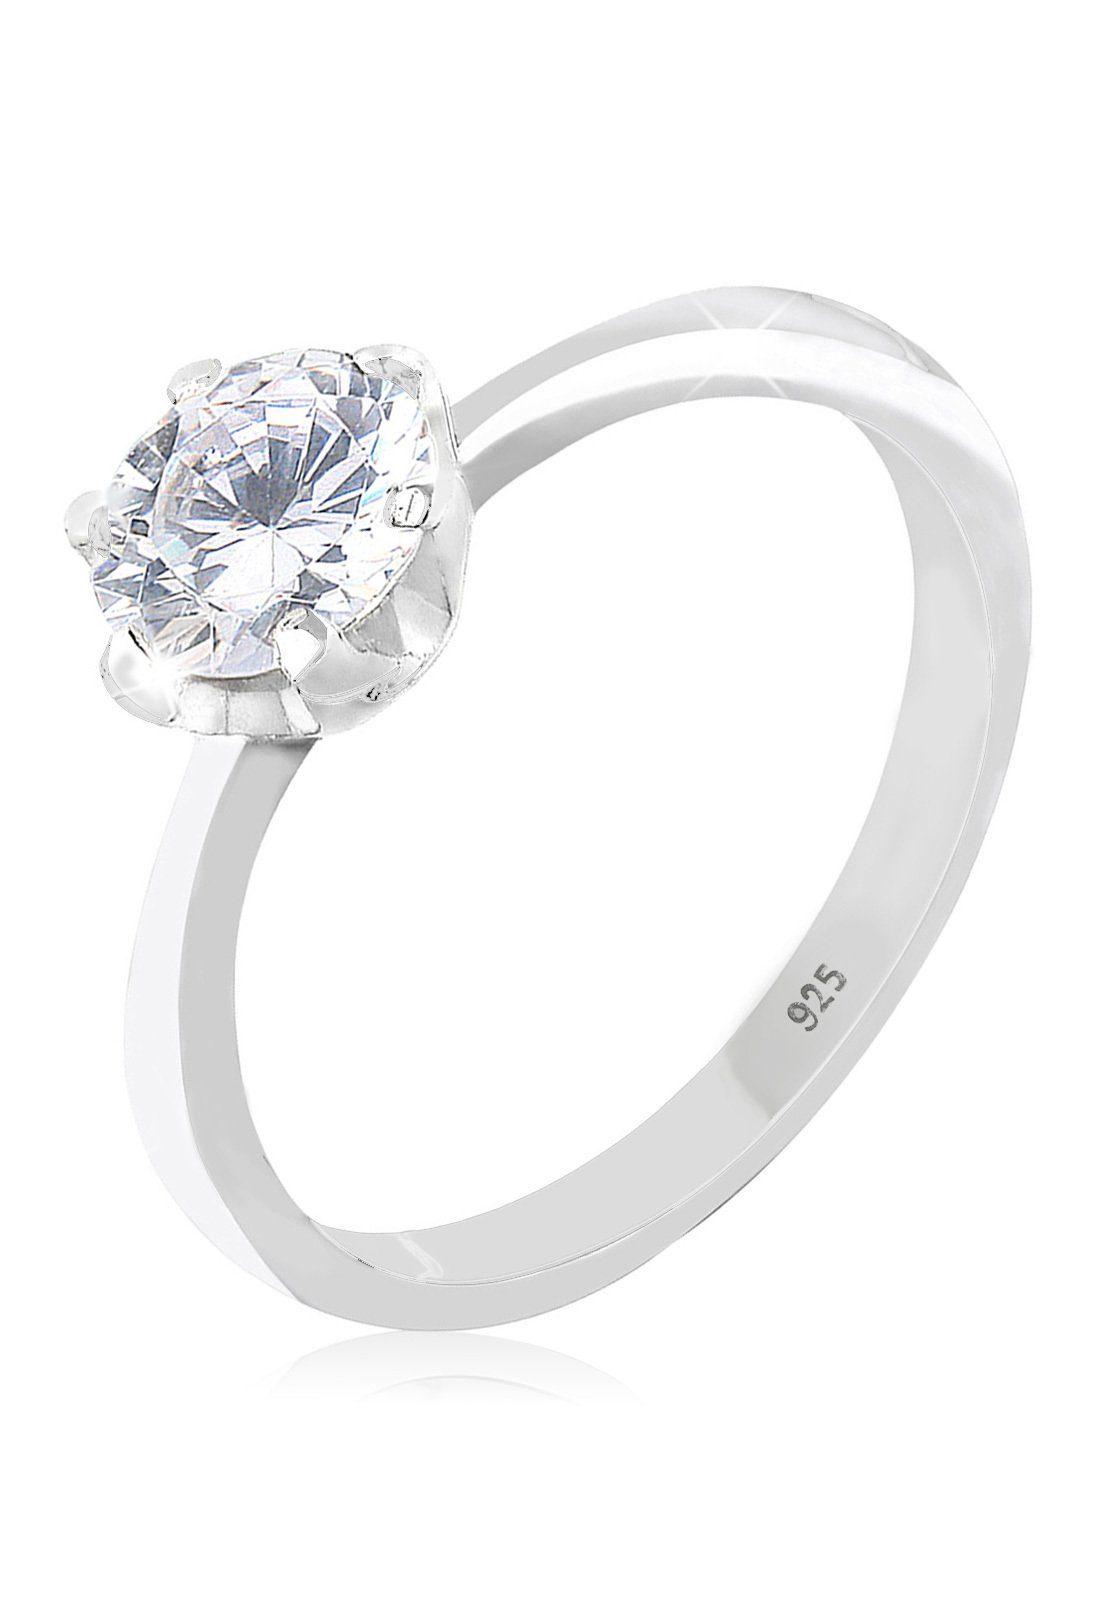 Elli Fingerring »Solitärring Zirkonia 925 Sterling Silber«, Solitär Ring online kaufen   OTTO